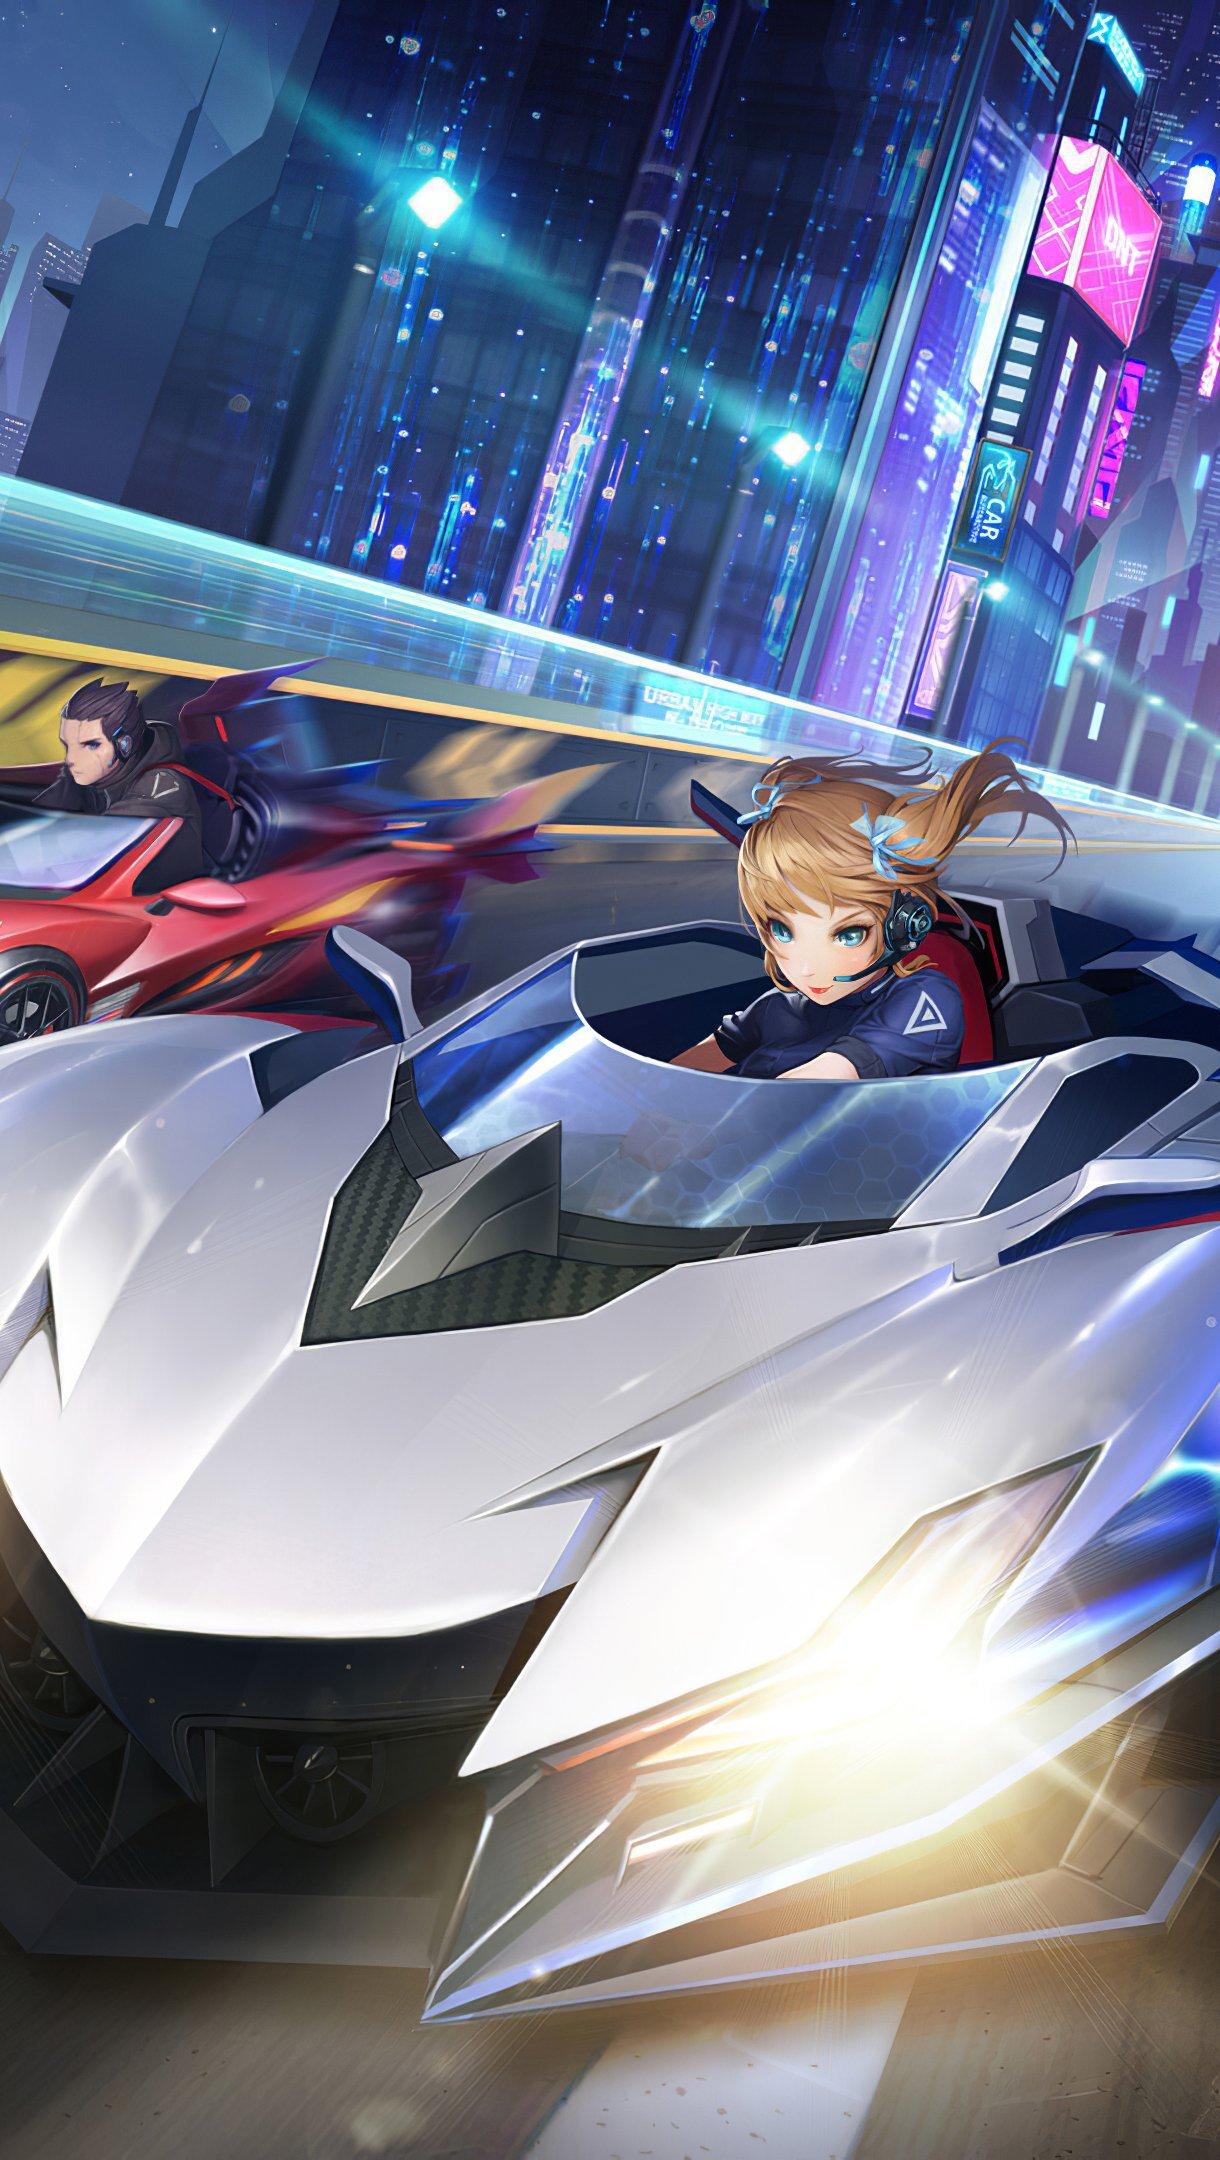 Fondos de pantalla Carrera de autos anime Vertical